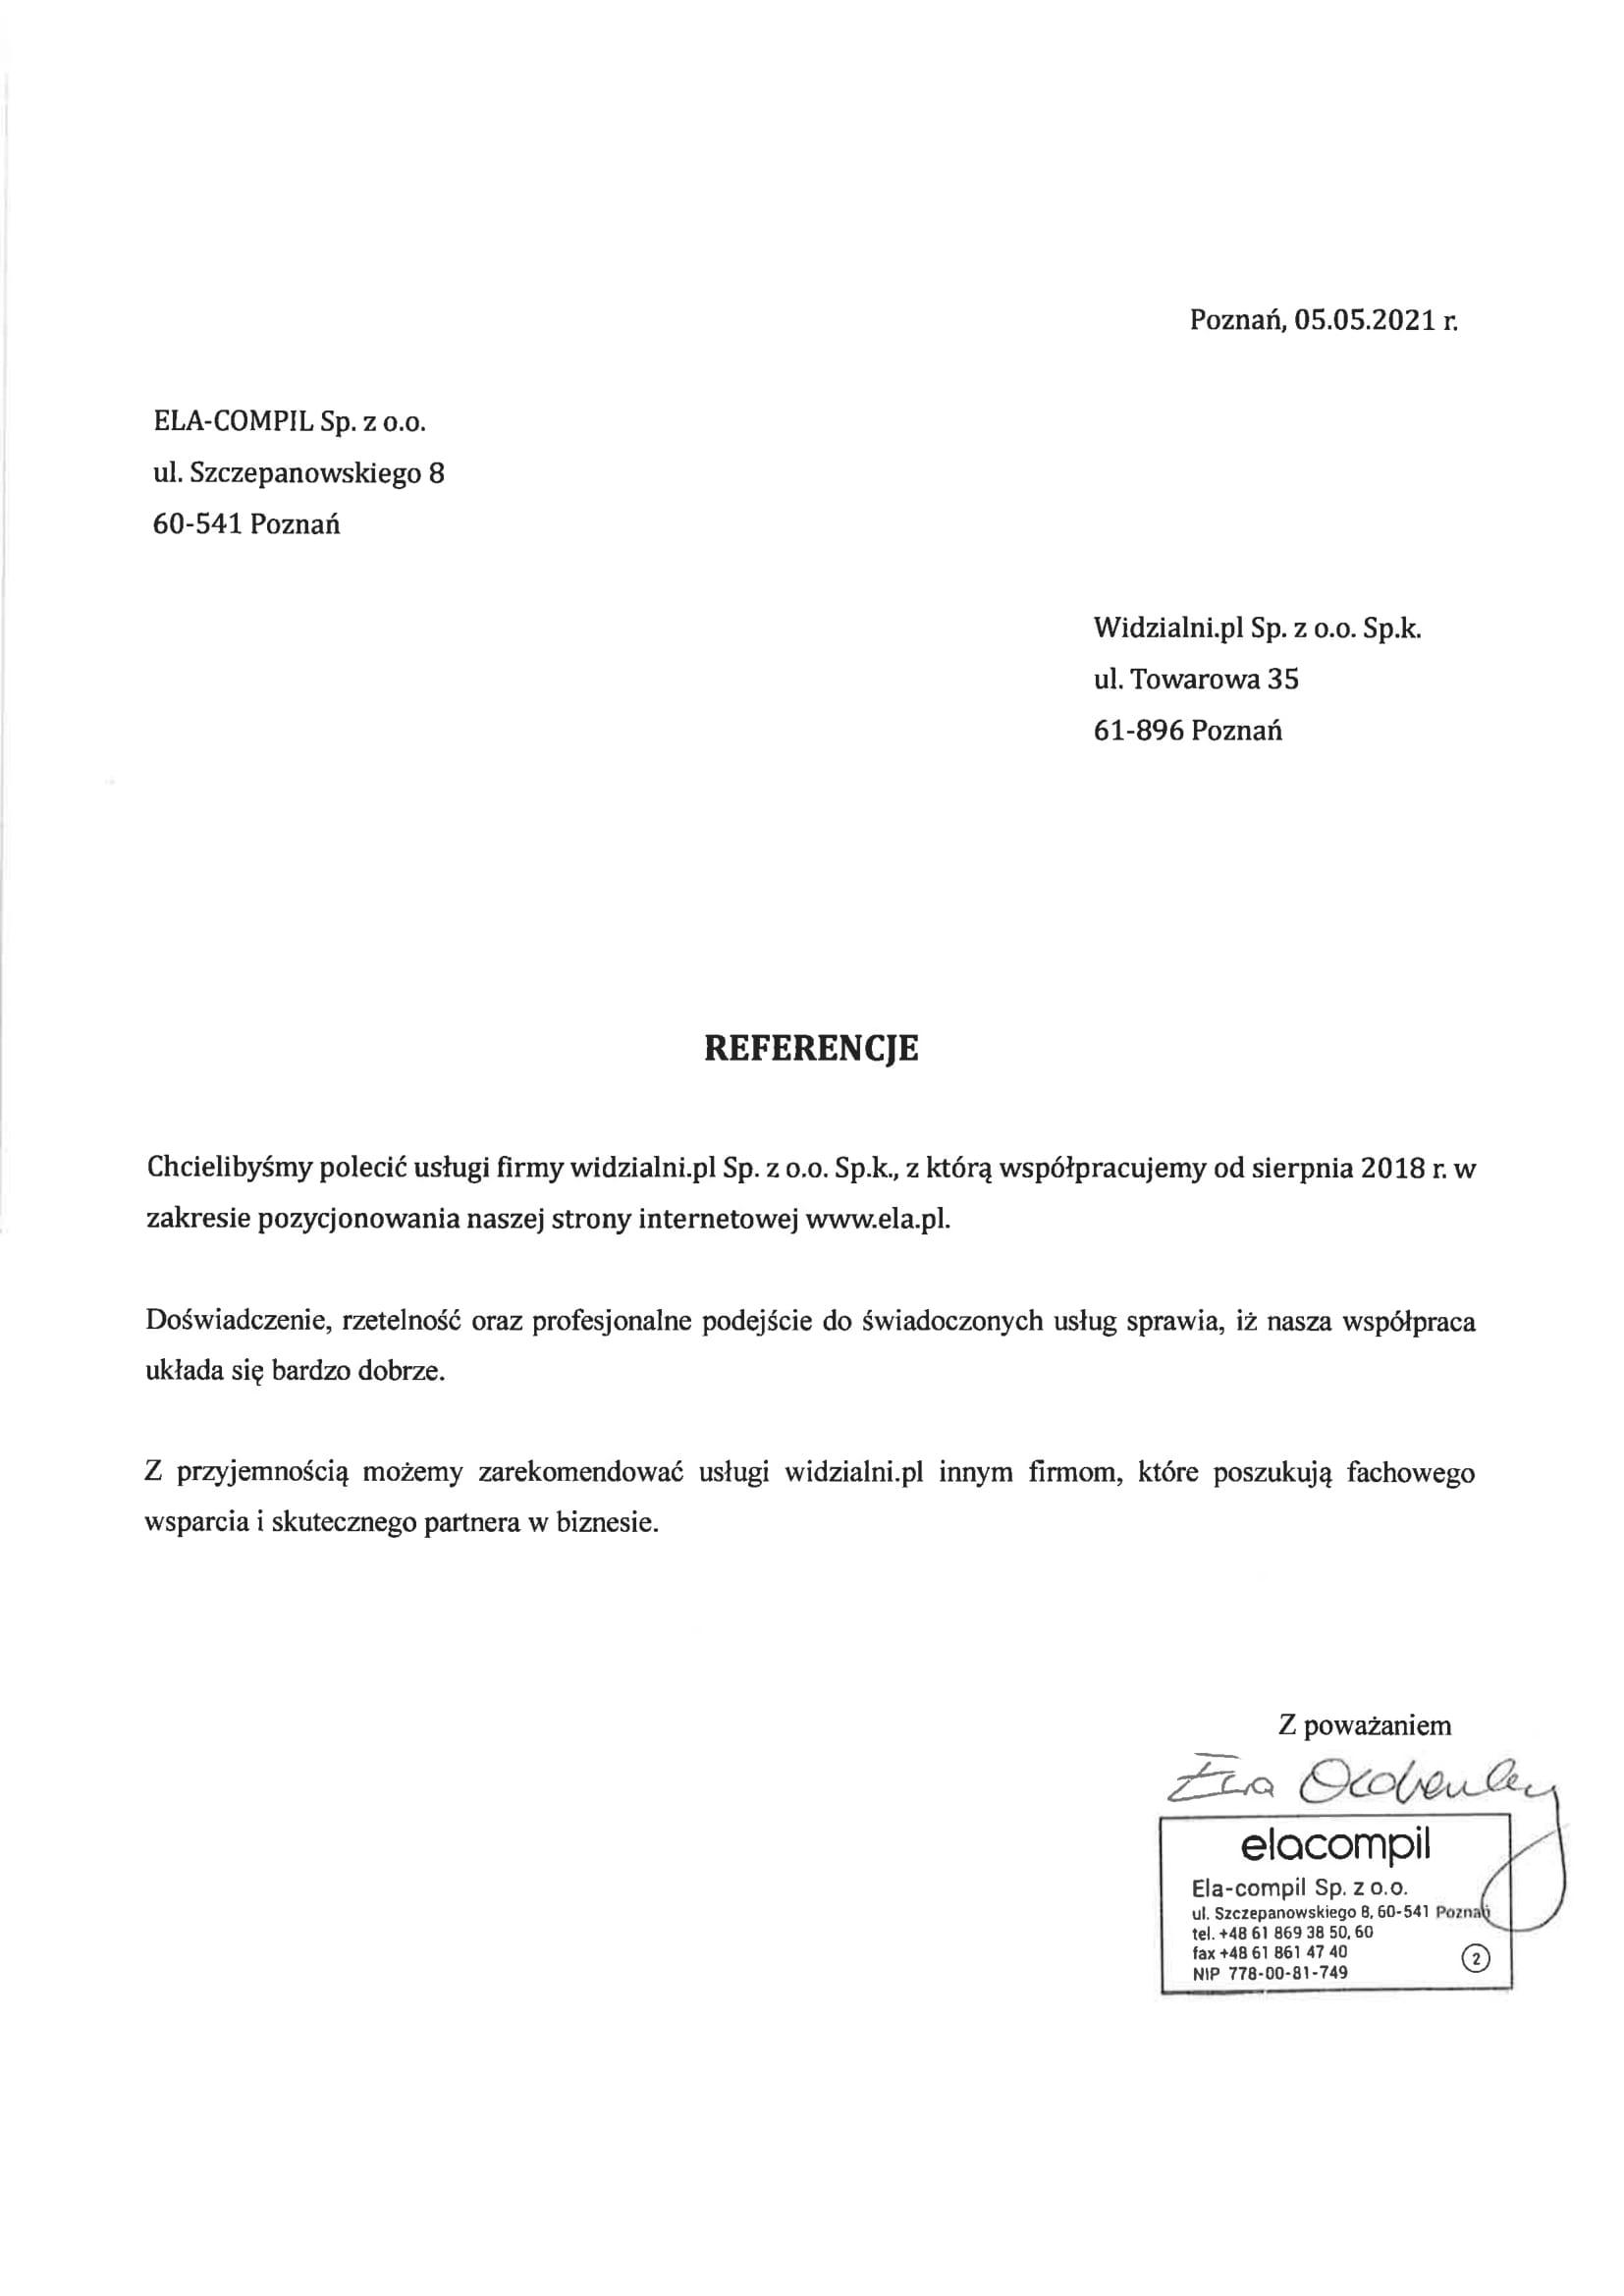 Referencje i opinie Widzialni.pl od ELA-COMPIL Sp. z o.o.